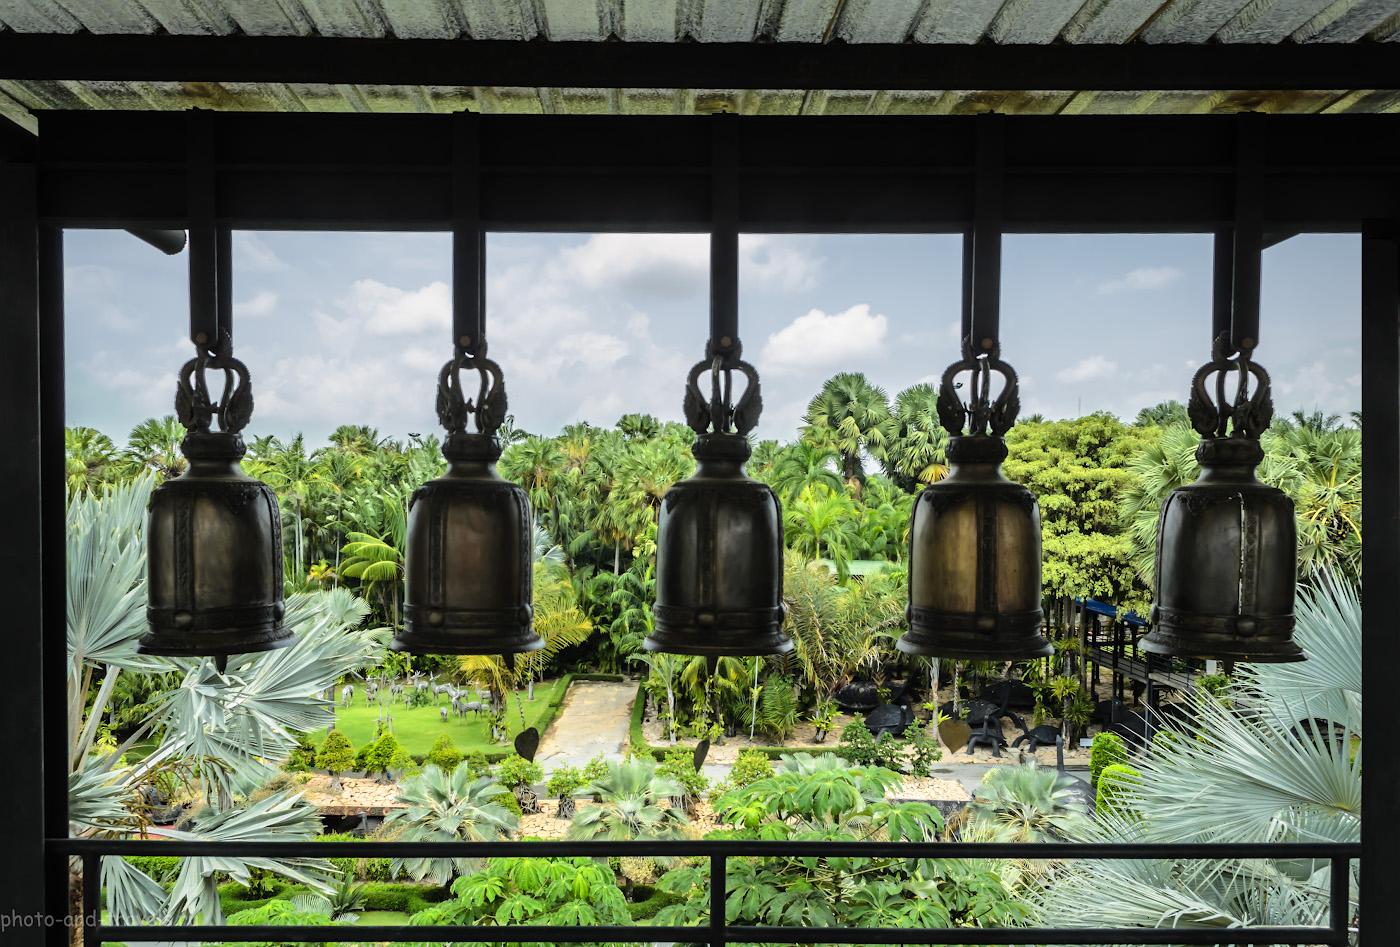 """32.Колокола. Парк """"Nong Nooch Tropical Botanical Garden"""" в Паттайе (Pattaya) в Таиланде."""